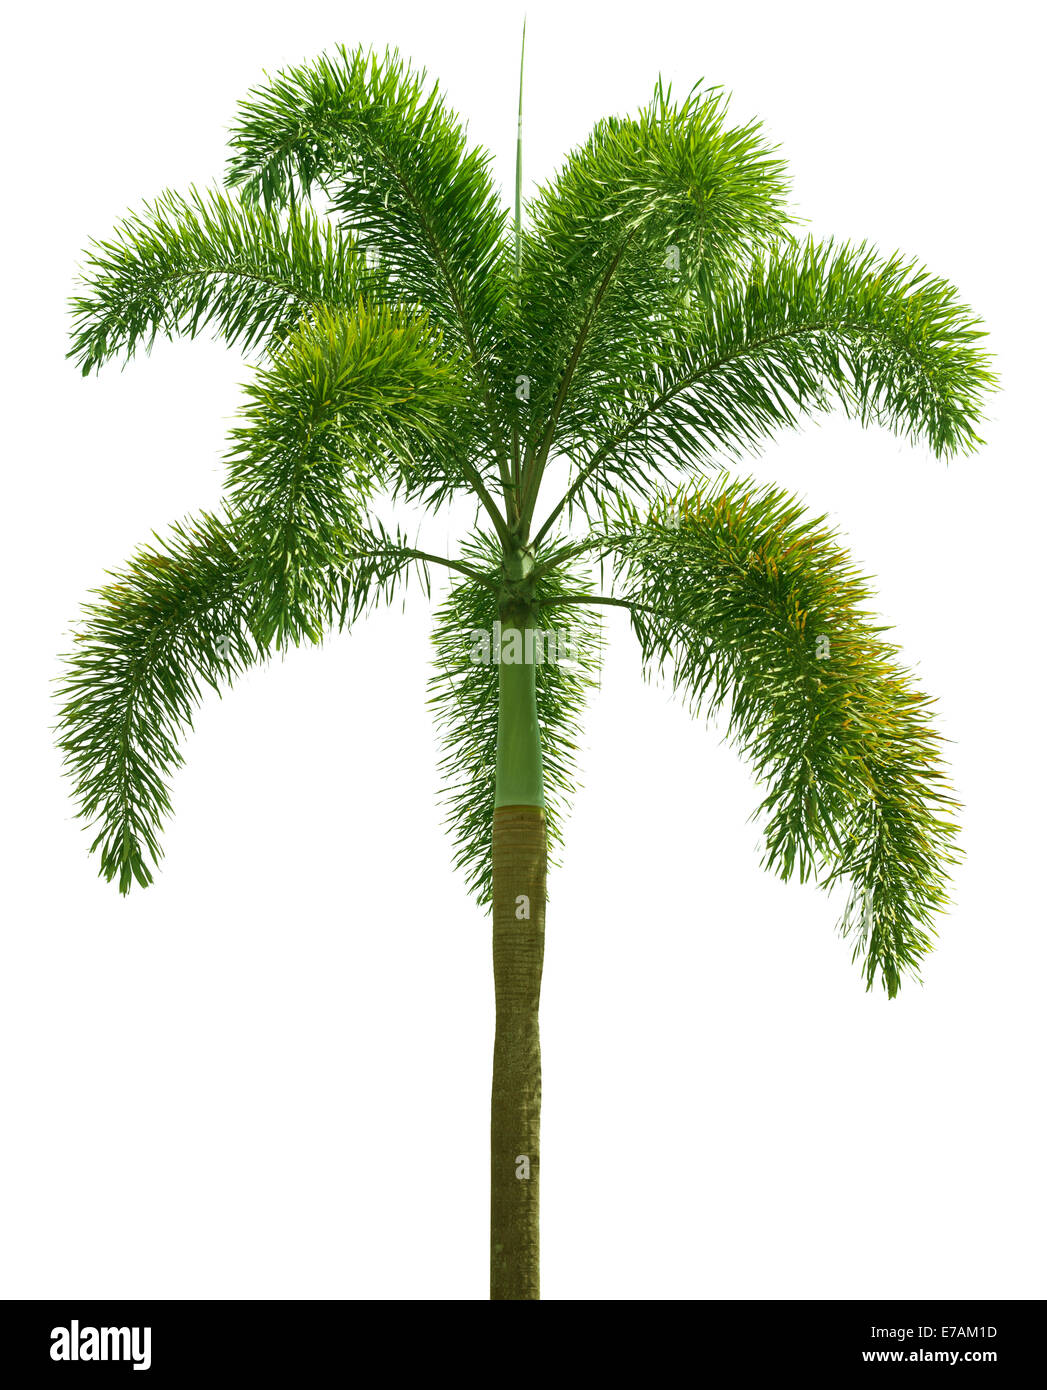 Wodyetia (coda di volpe Palm). Palm tree isolati su sfondo bianco Immagini Stock